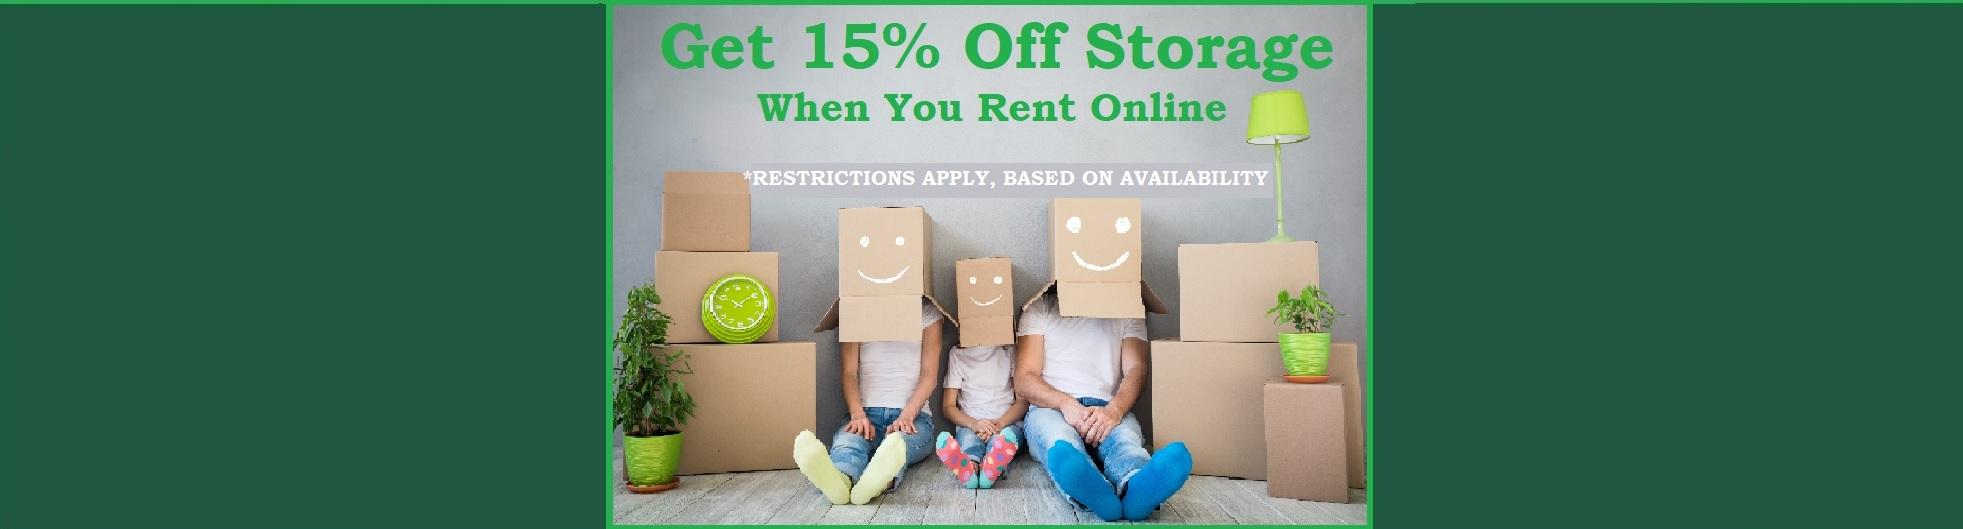 Storage Discount Deal